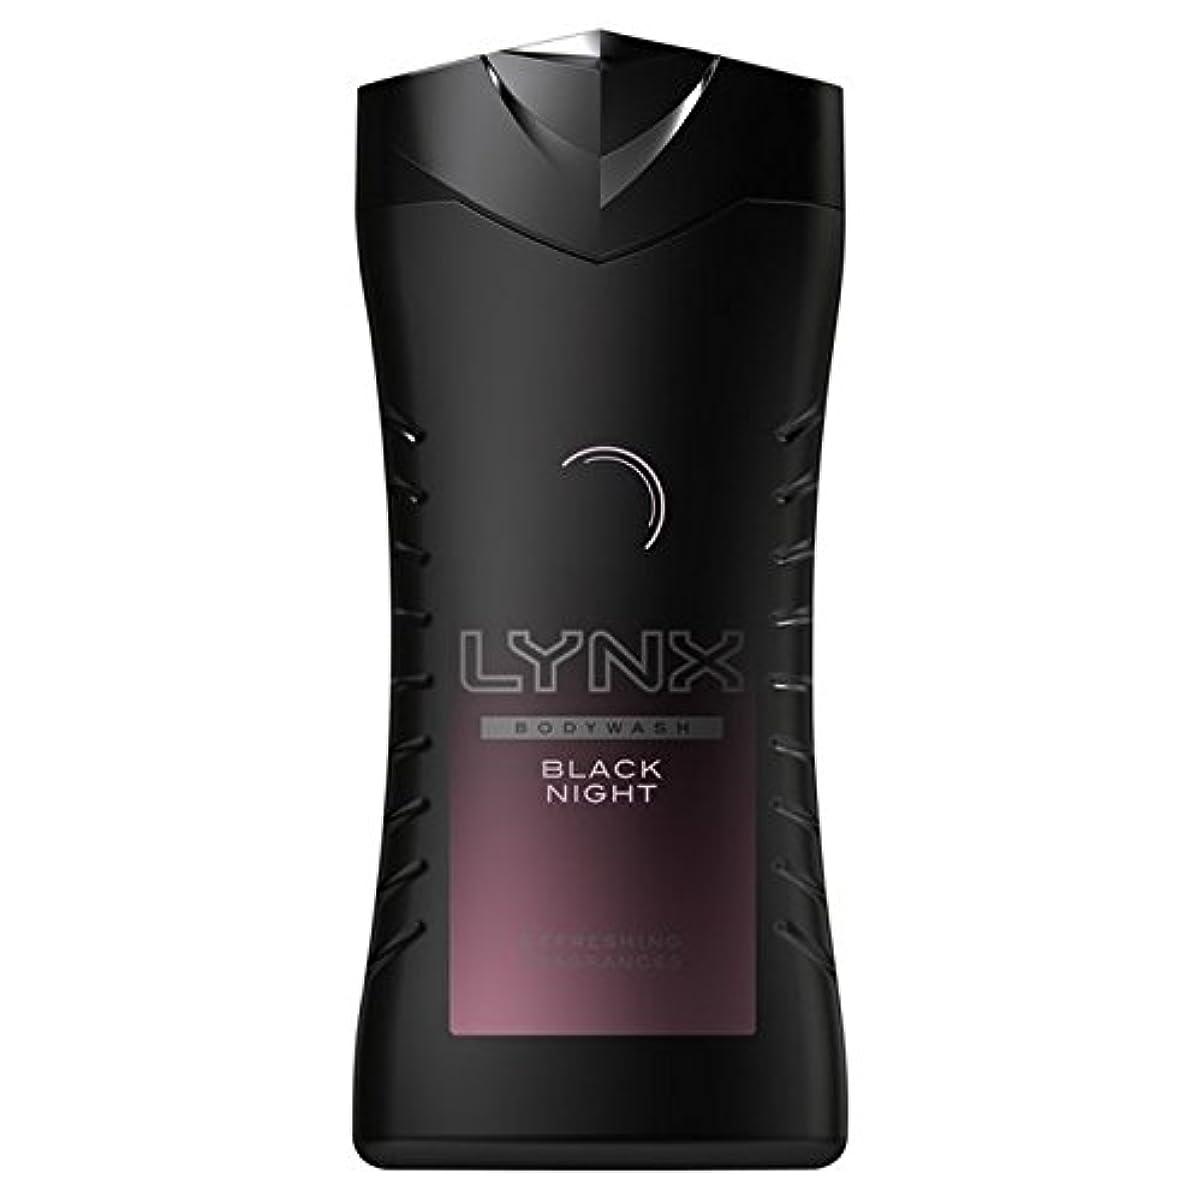 同情トロピカル育成オオヤマネコ黒夜シャワージェル250ミリリットル x2 - Lynx Black Night Shower Gel 250ml (Pack of 2) [並行輸入品]